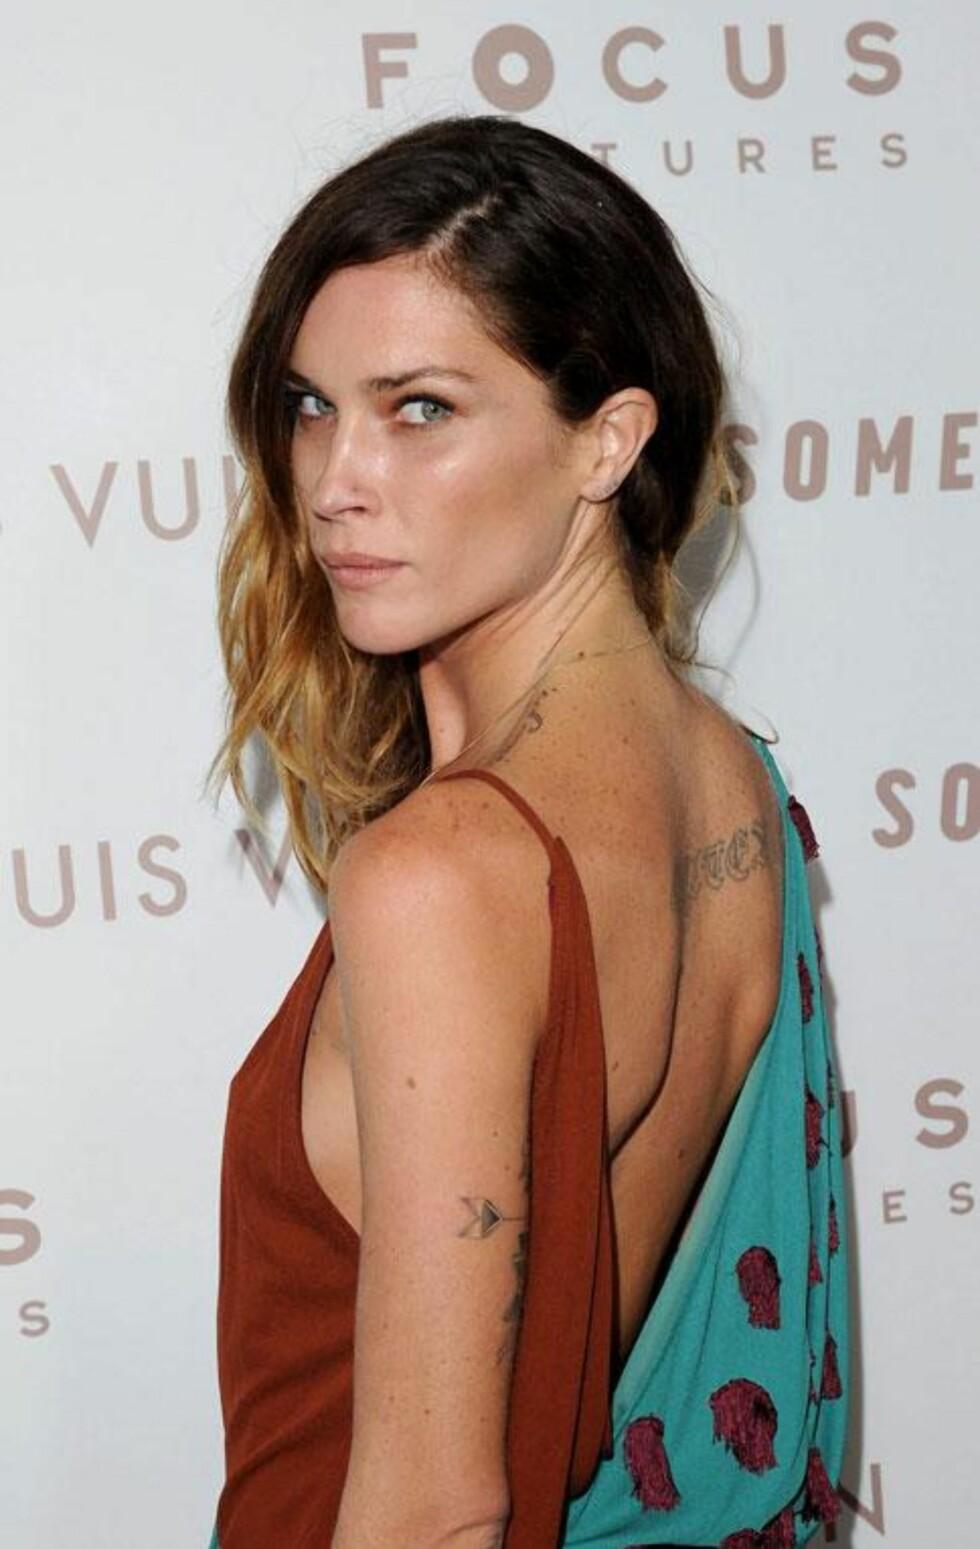 I BOHEMSK STIL: Supermodell Erin Wasson har flere bohemsk-inspirerte tatoveringer. Foto: All Over Press